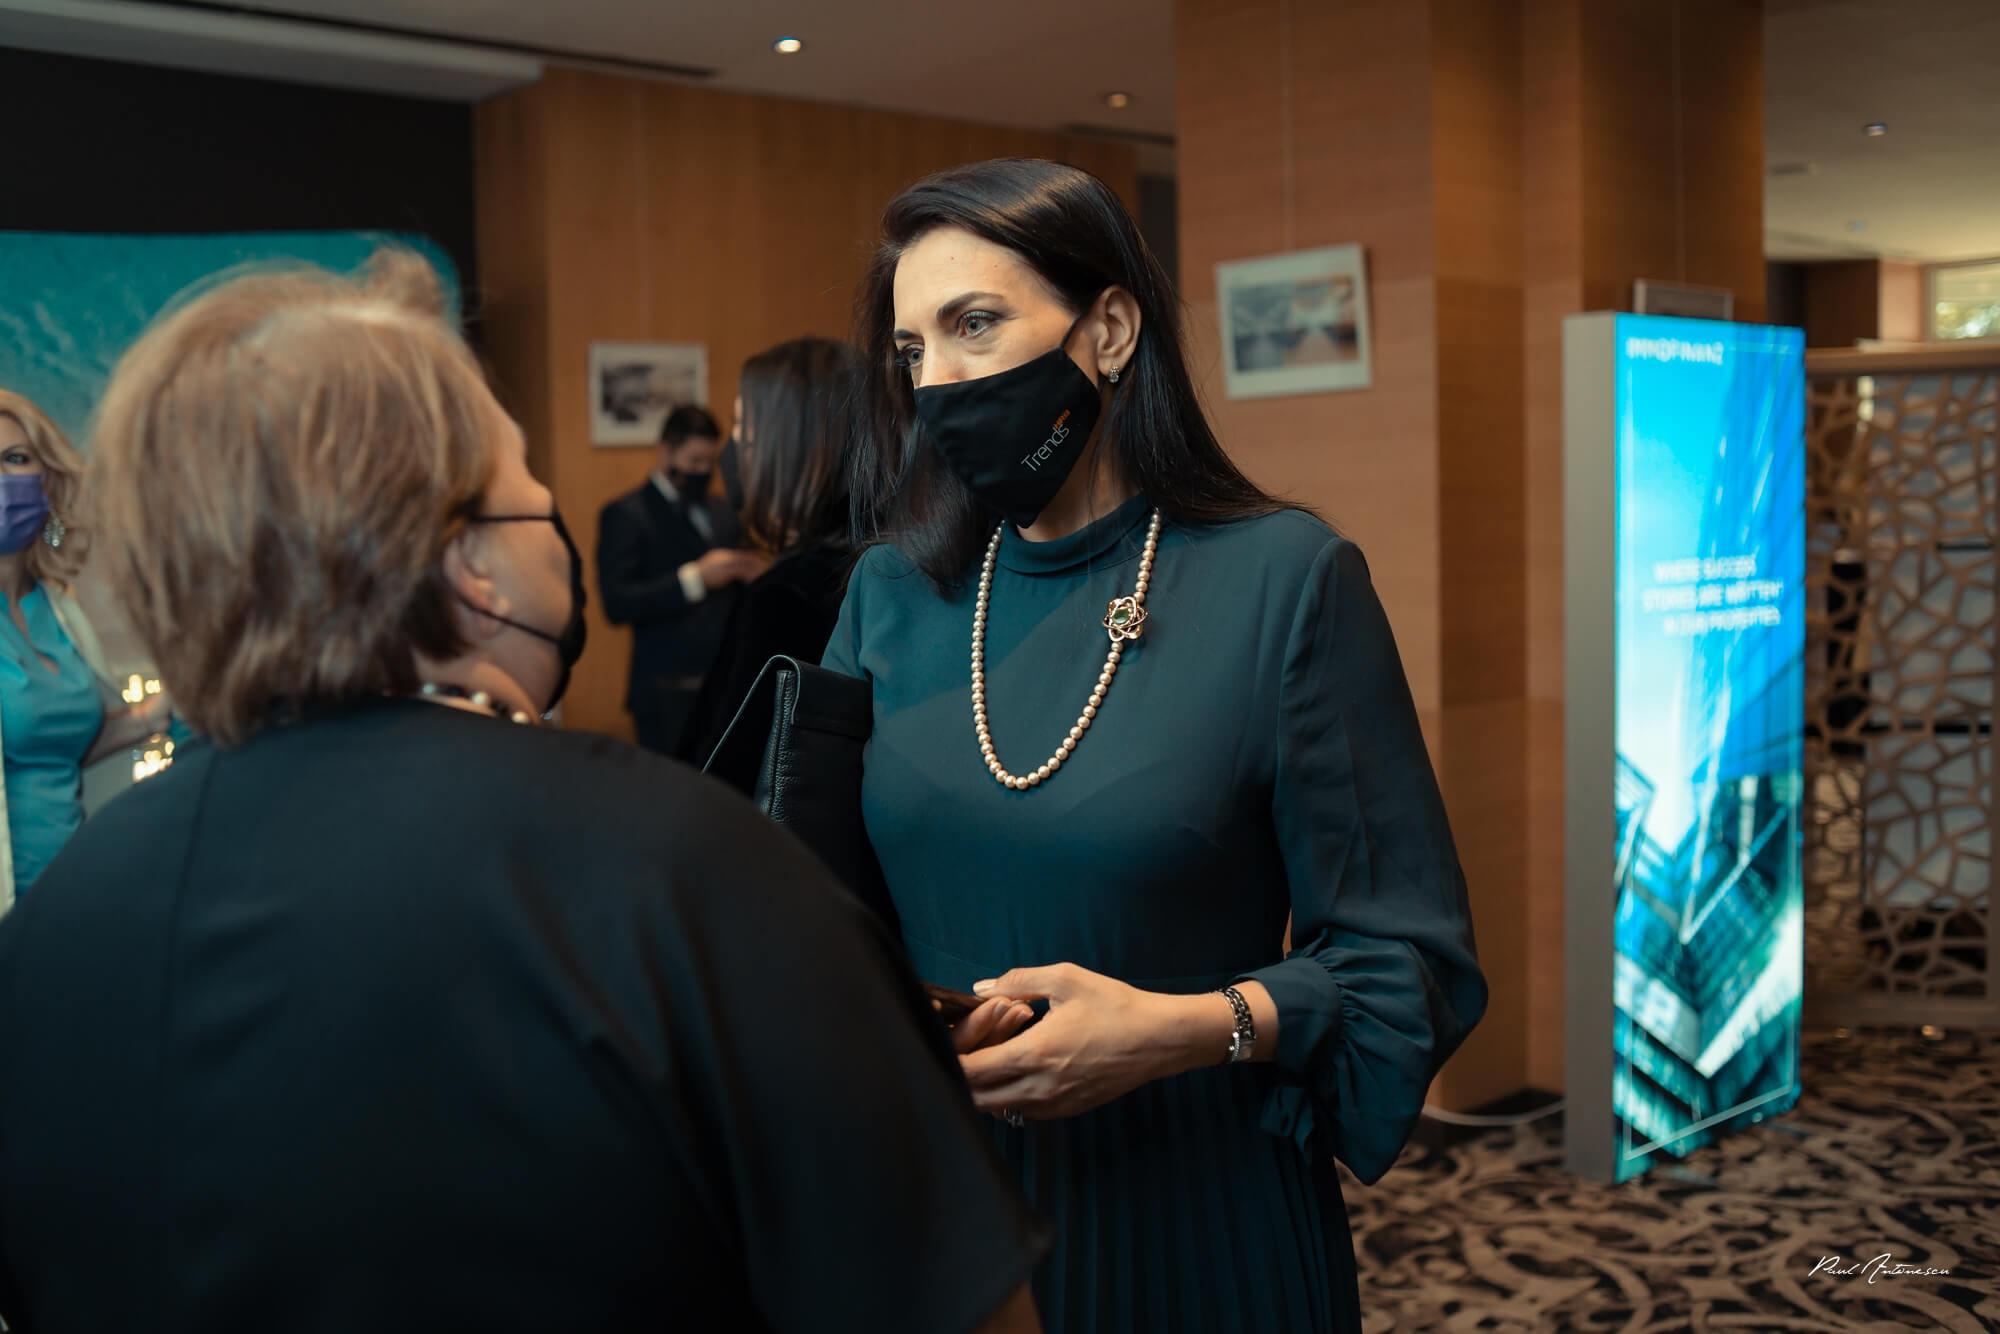 Femeii discutand despre bijuterii marca Teilor la Gala Forbes Woman 2021